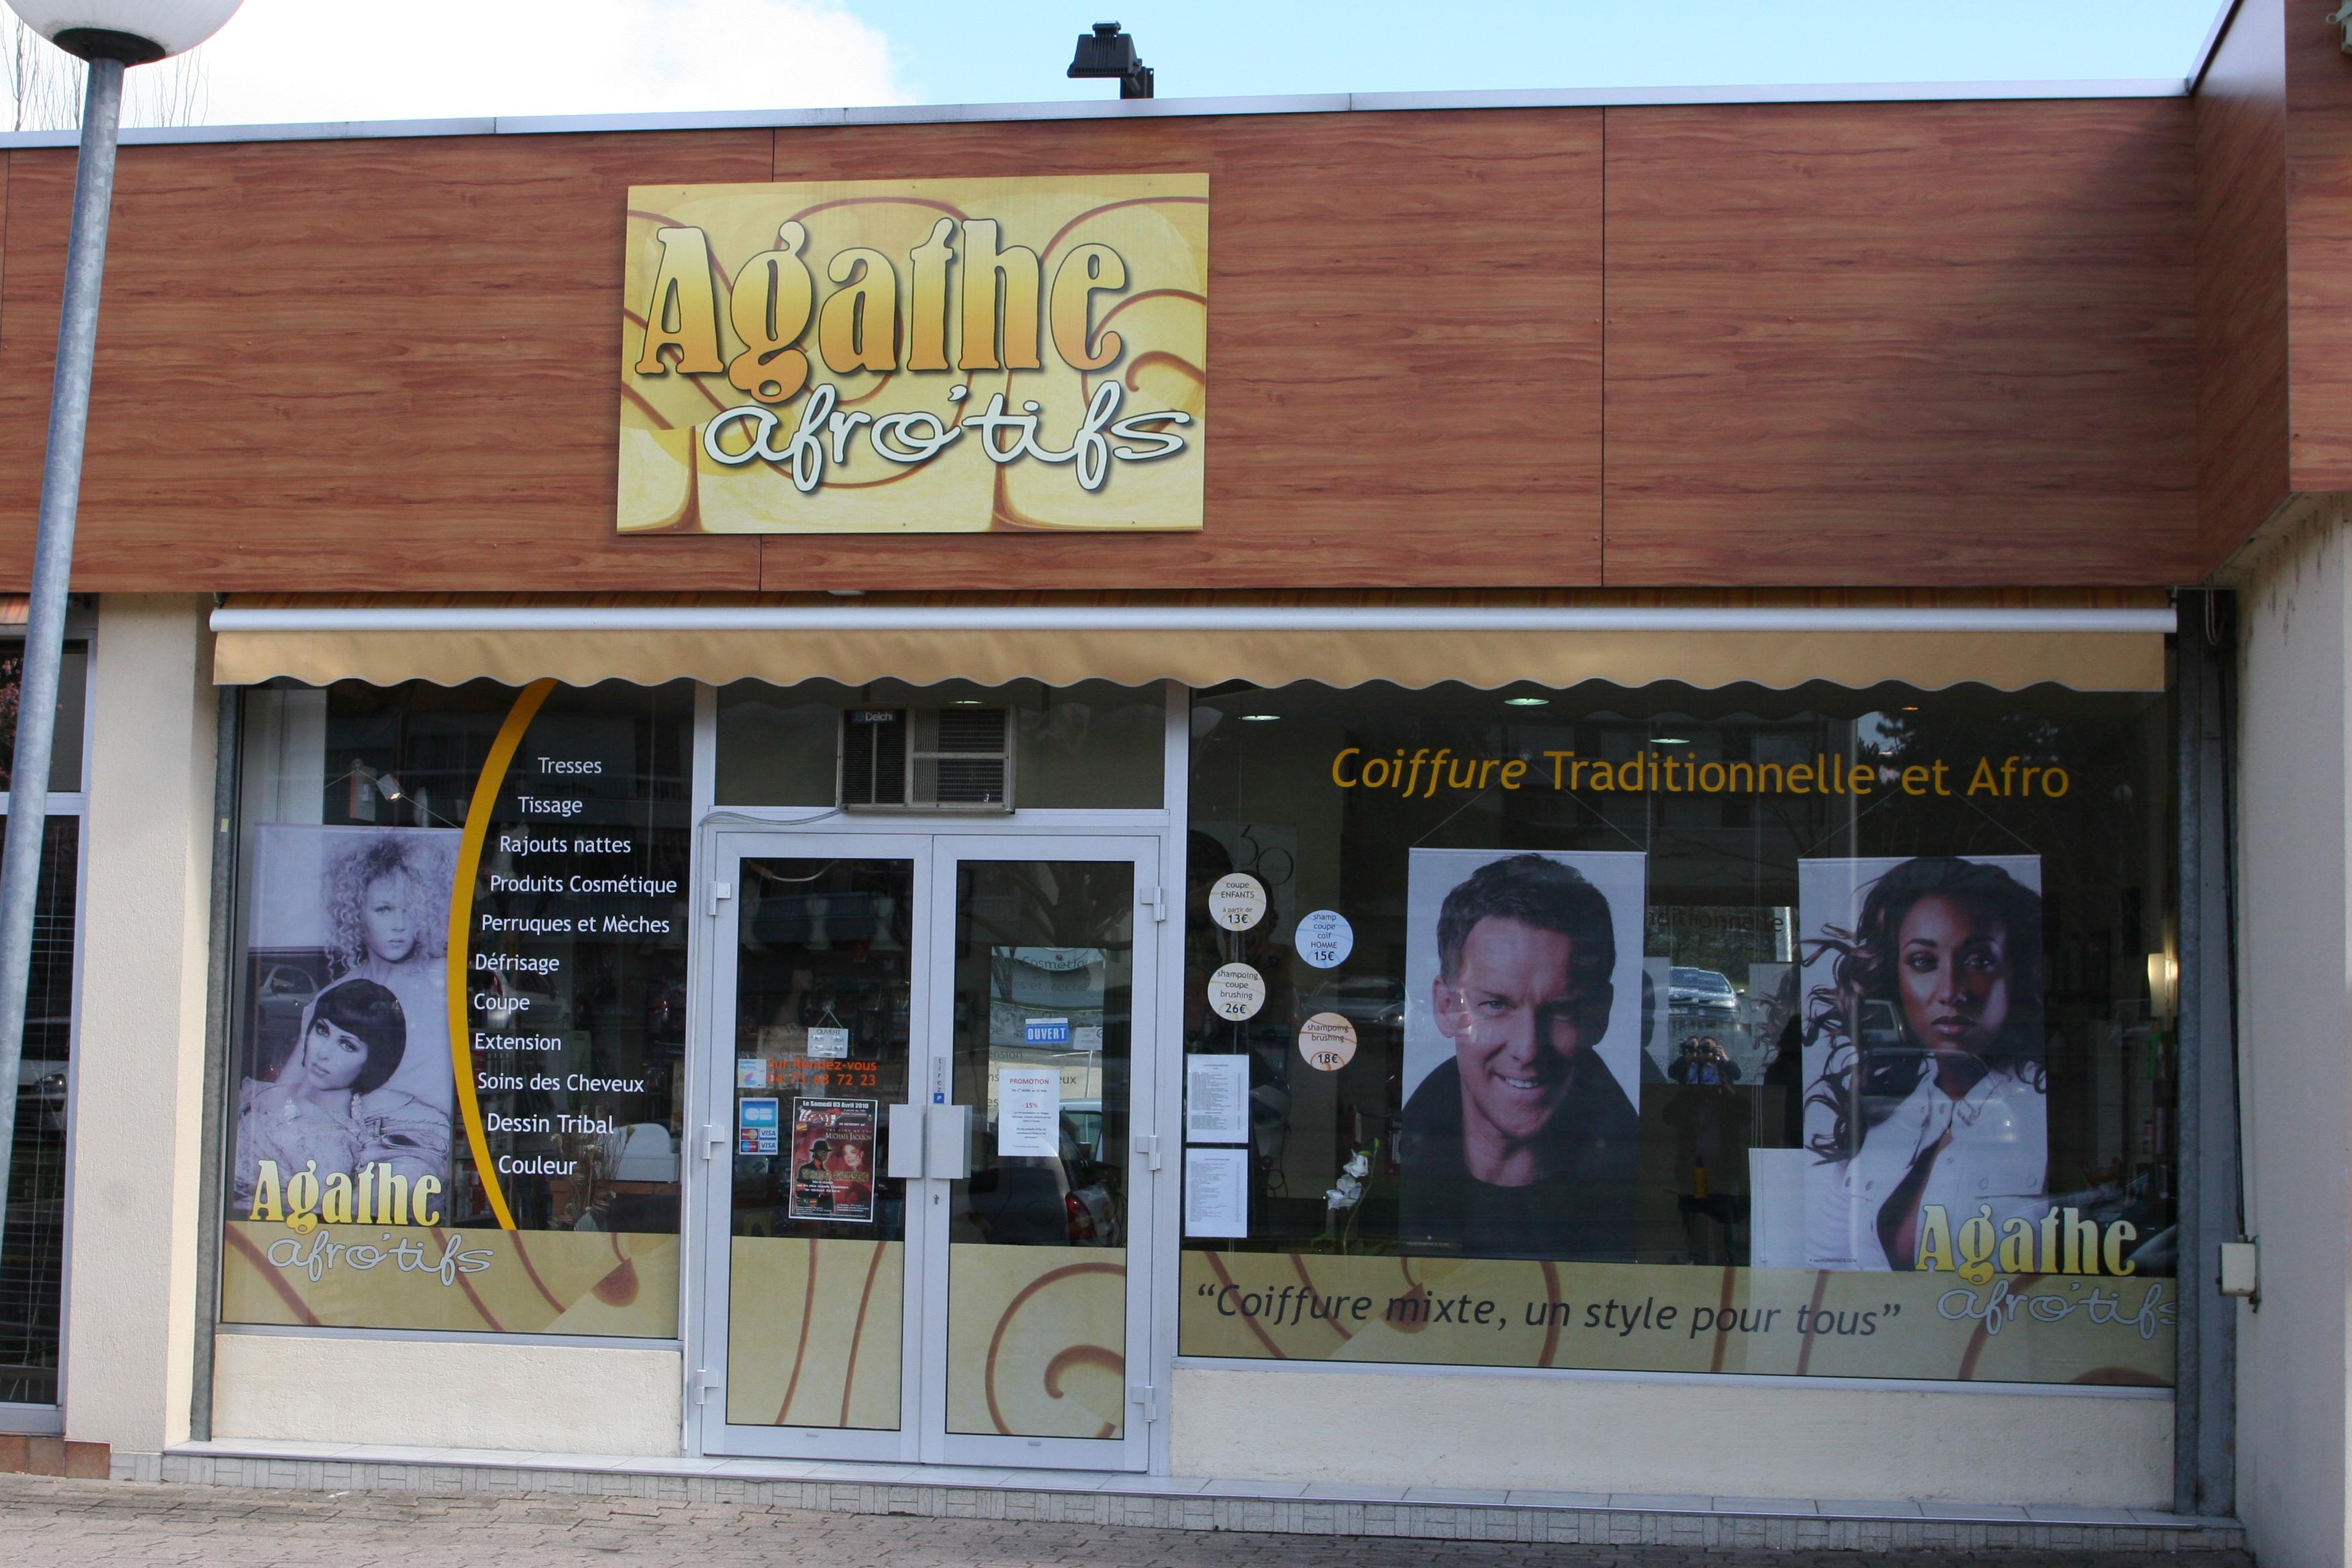 Agathe Afro Tifs Cournon-d'Auvergne